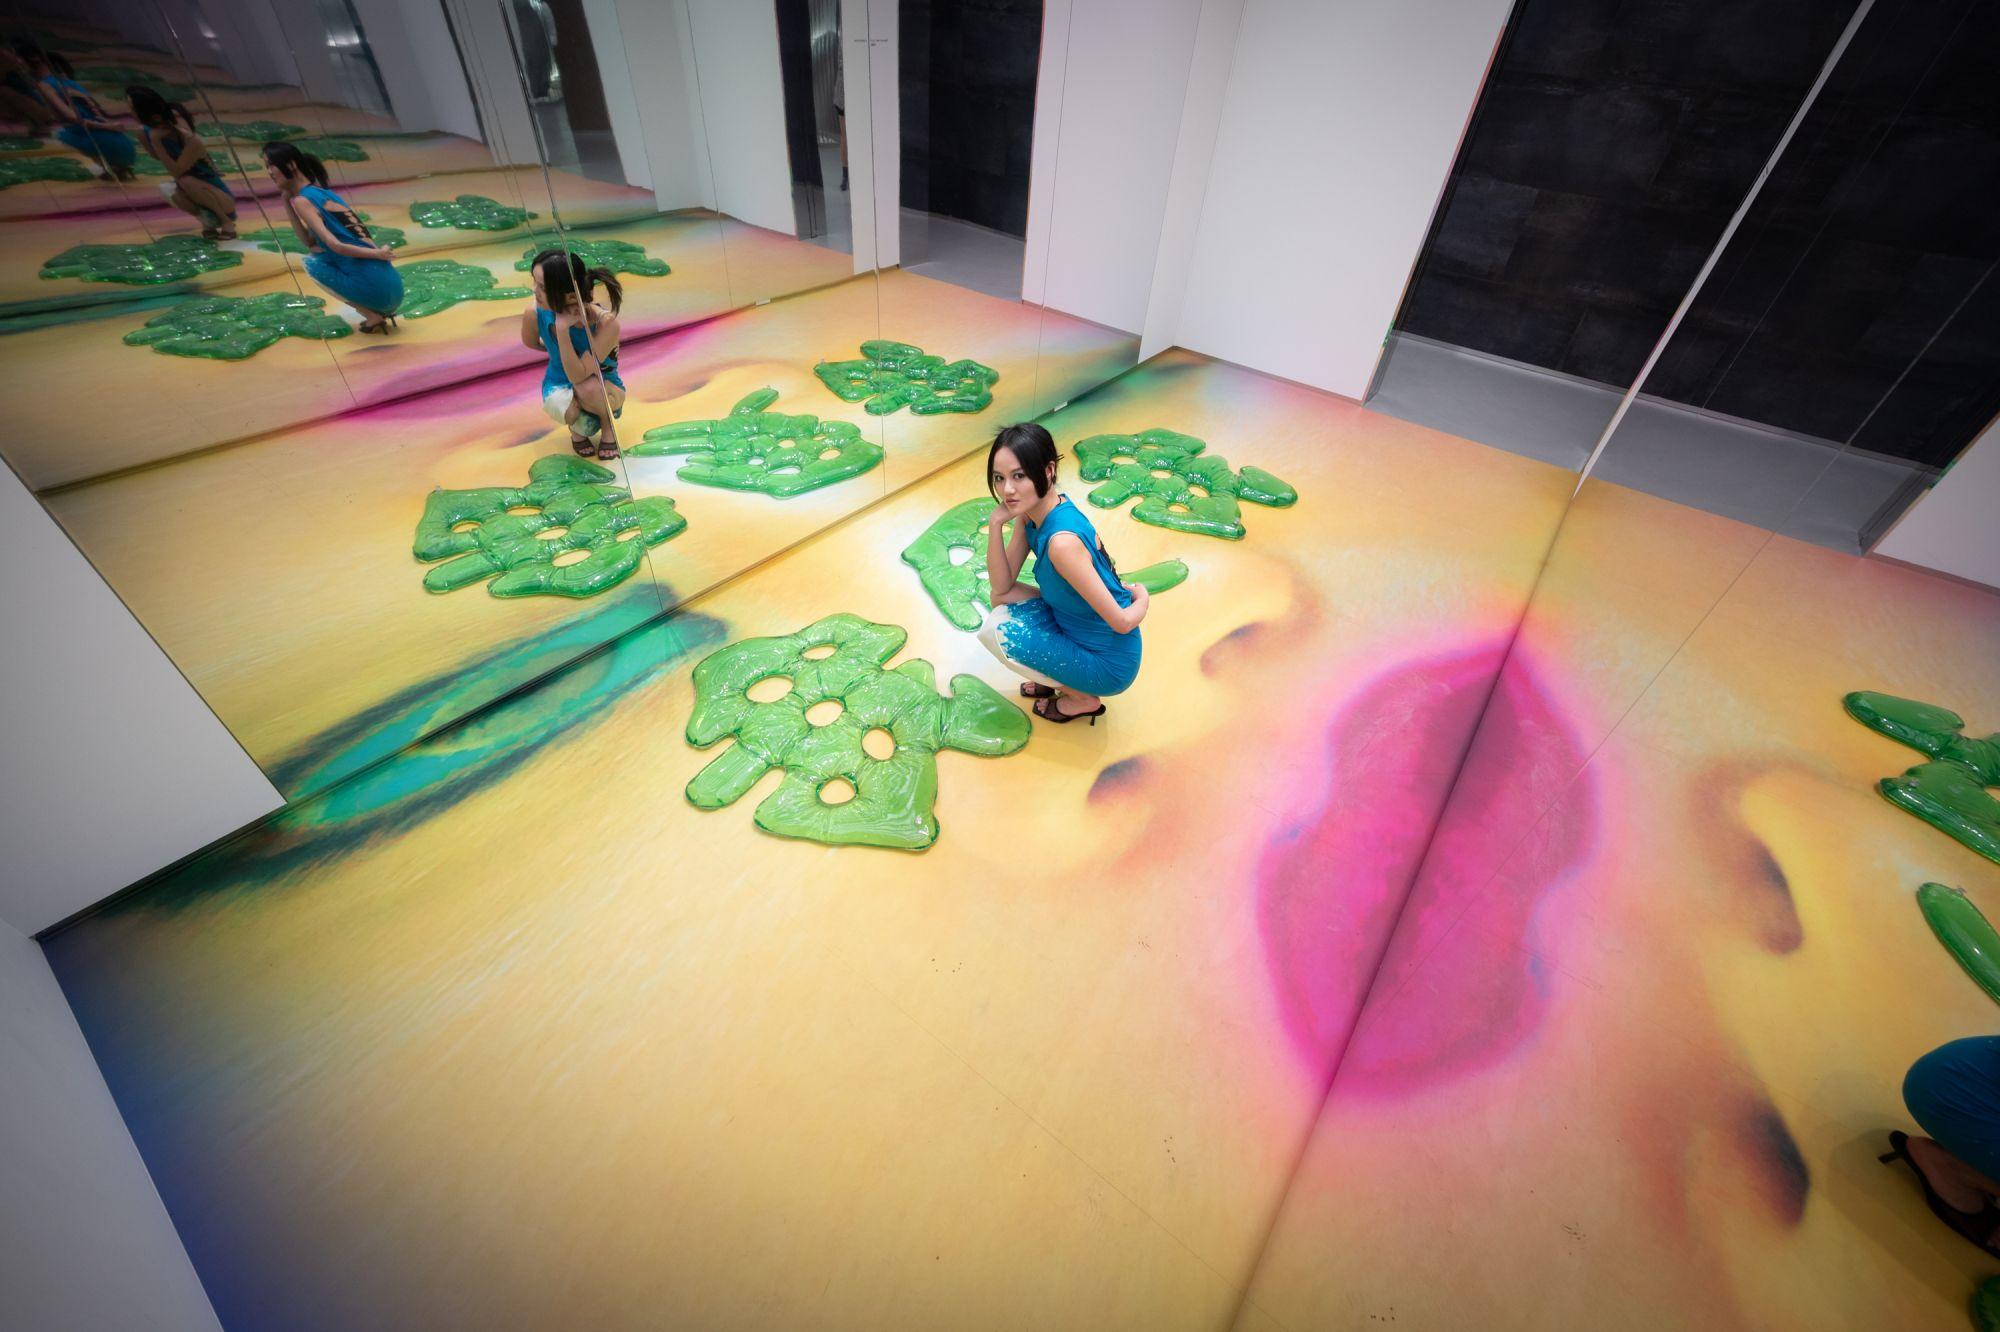 【2021亞洲文化影響力人士】新銳台灣藝術家江宥儀:「盡情的去感受、去輸入,到時候的輸出才會是真誠的。」